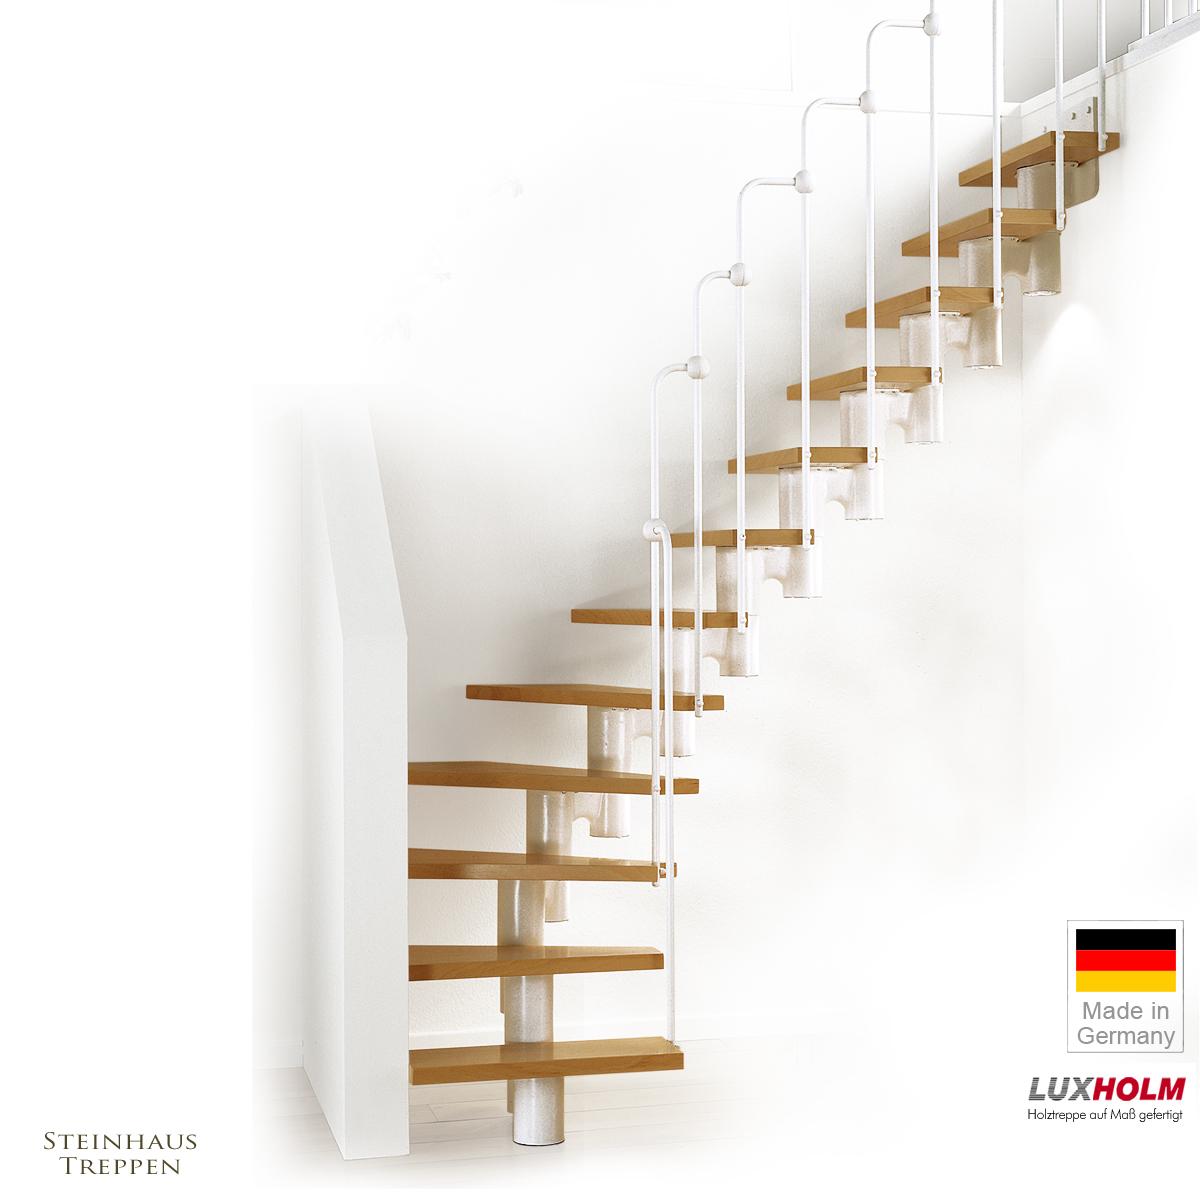 halbgewendelte mittelholmtreppen in beiten 60 und 90 cm mit holzstufen. Black Bedroom Furniture Sets. Home Design Ideas